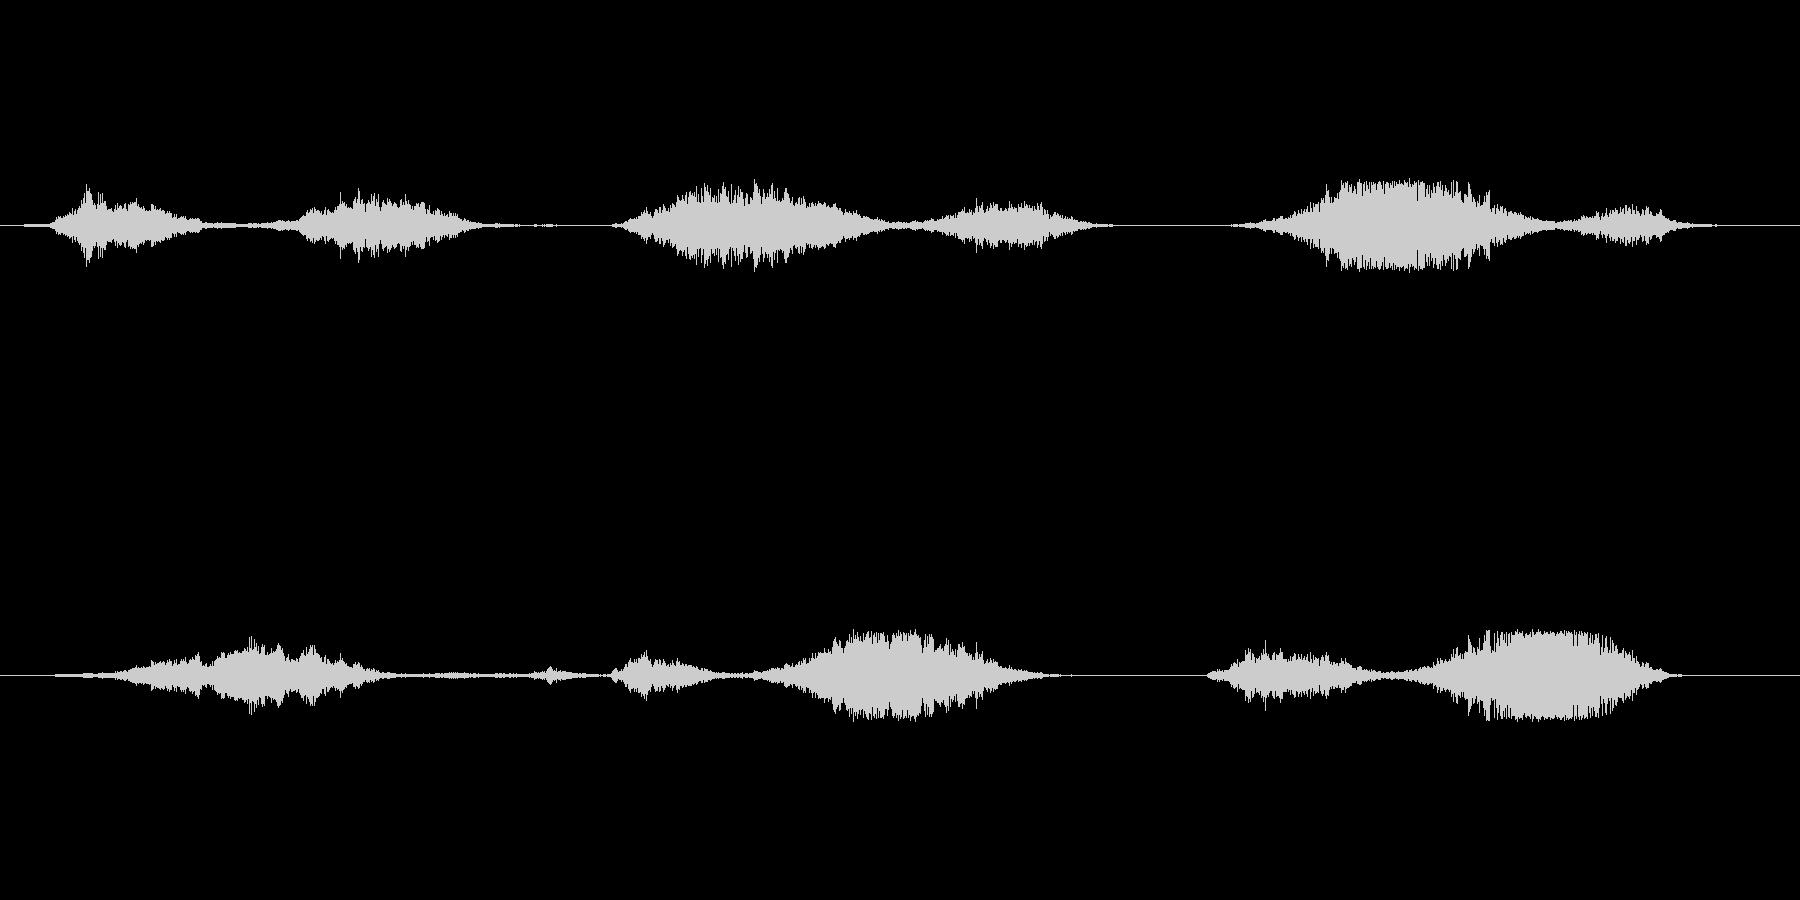 (うめき声)の未再生の波形